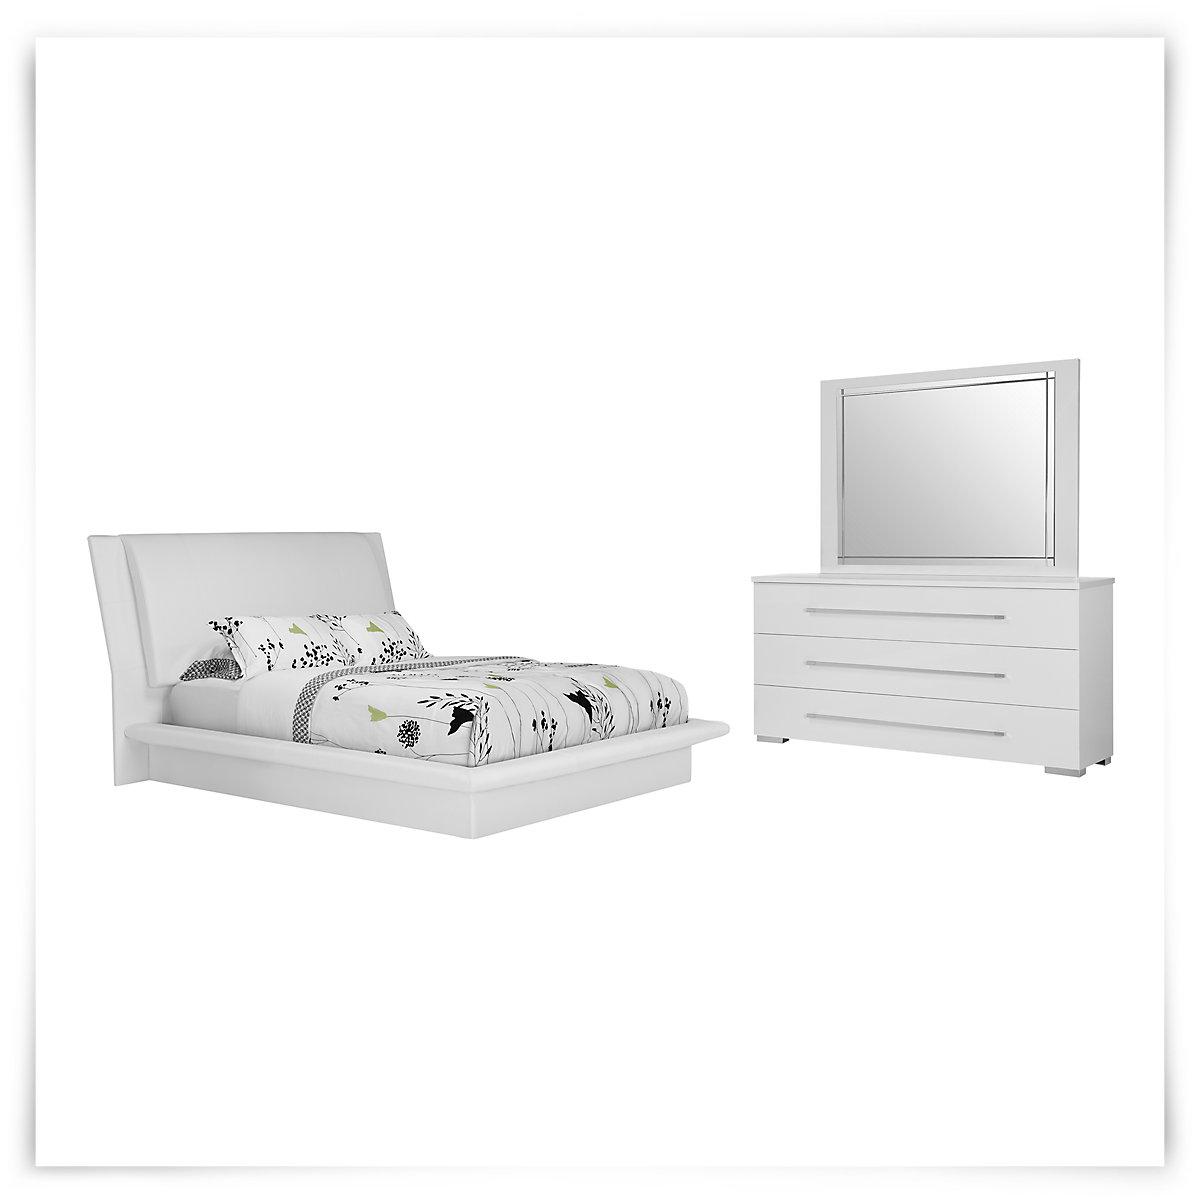 Dimora White Upholstered Platform Bedroom